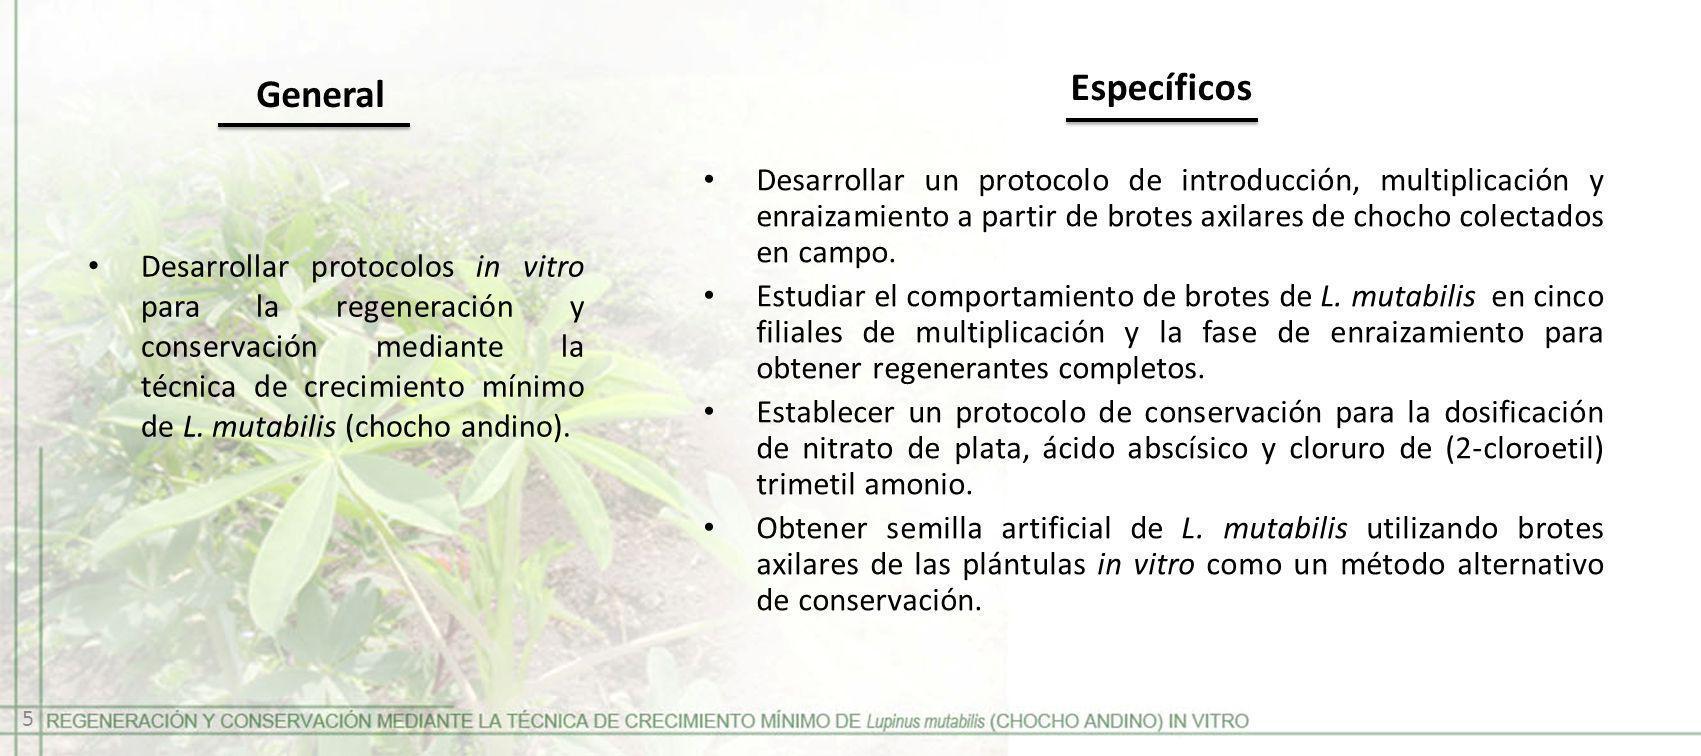 Desarrollar protocolos in vitro para la regeneración y conservación mediante la técnica de crecimiento mínimo de L. mutabilis (chocho andino). General